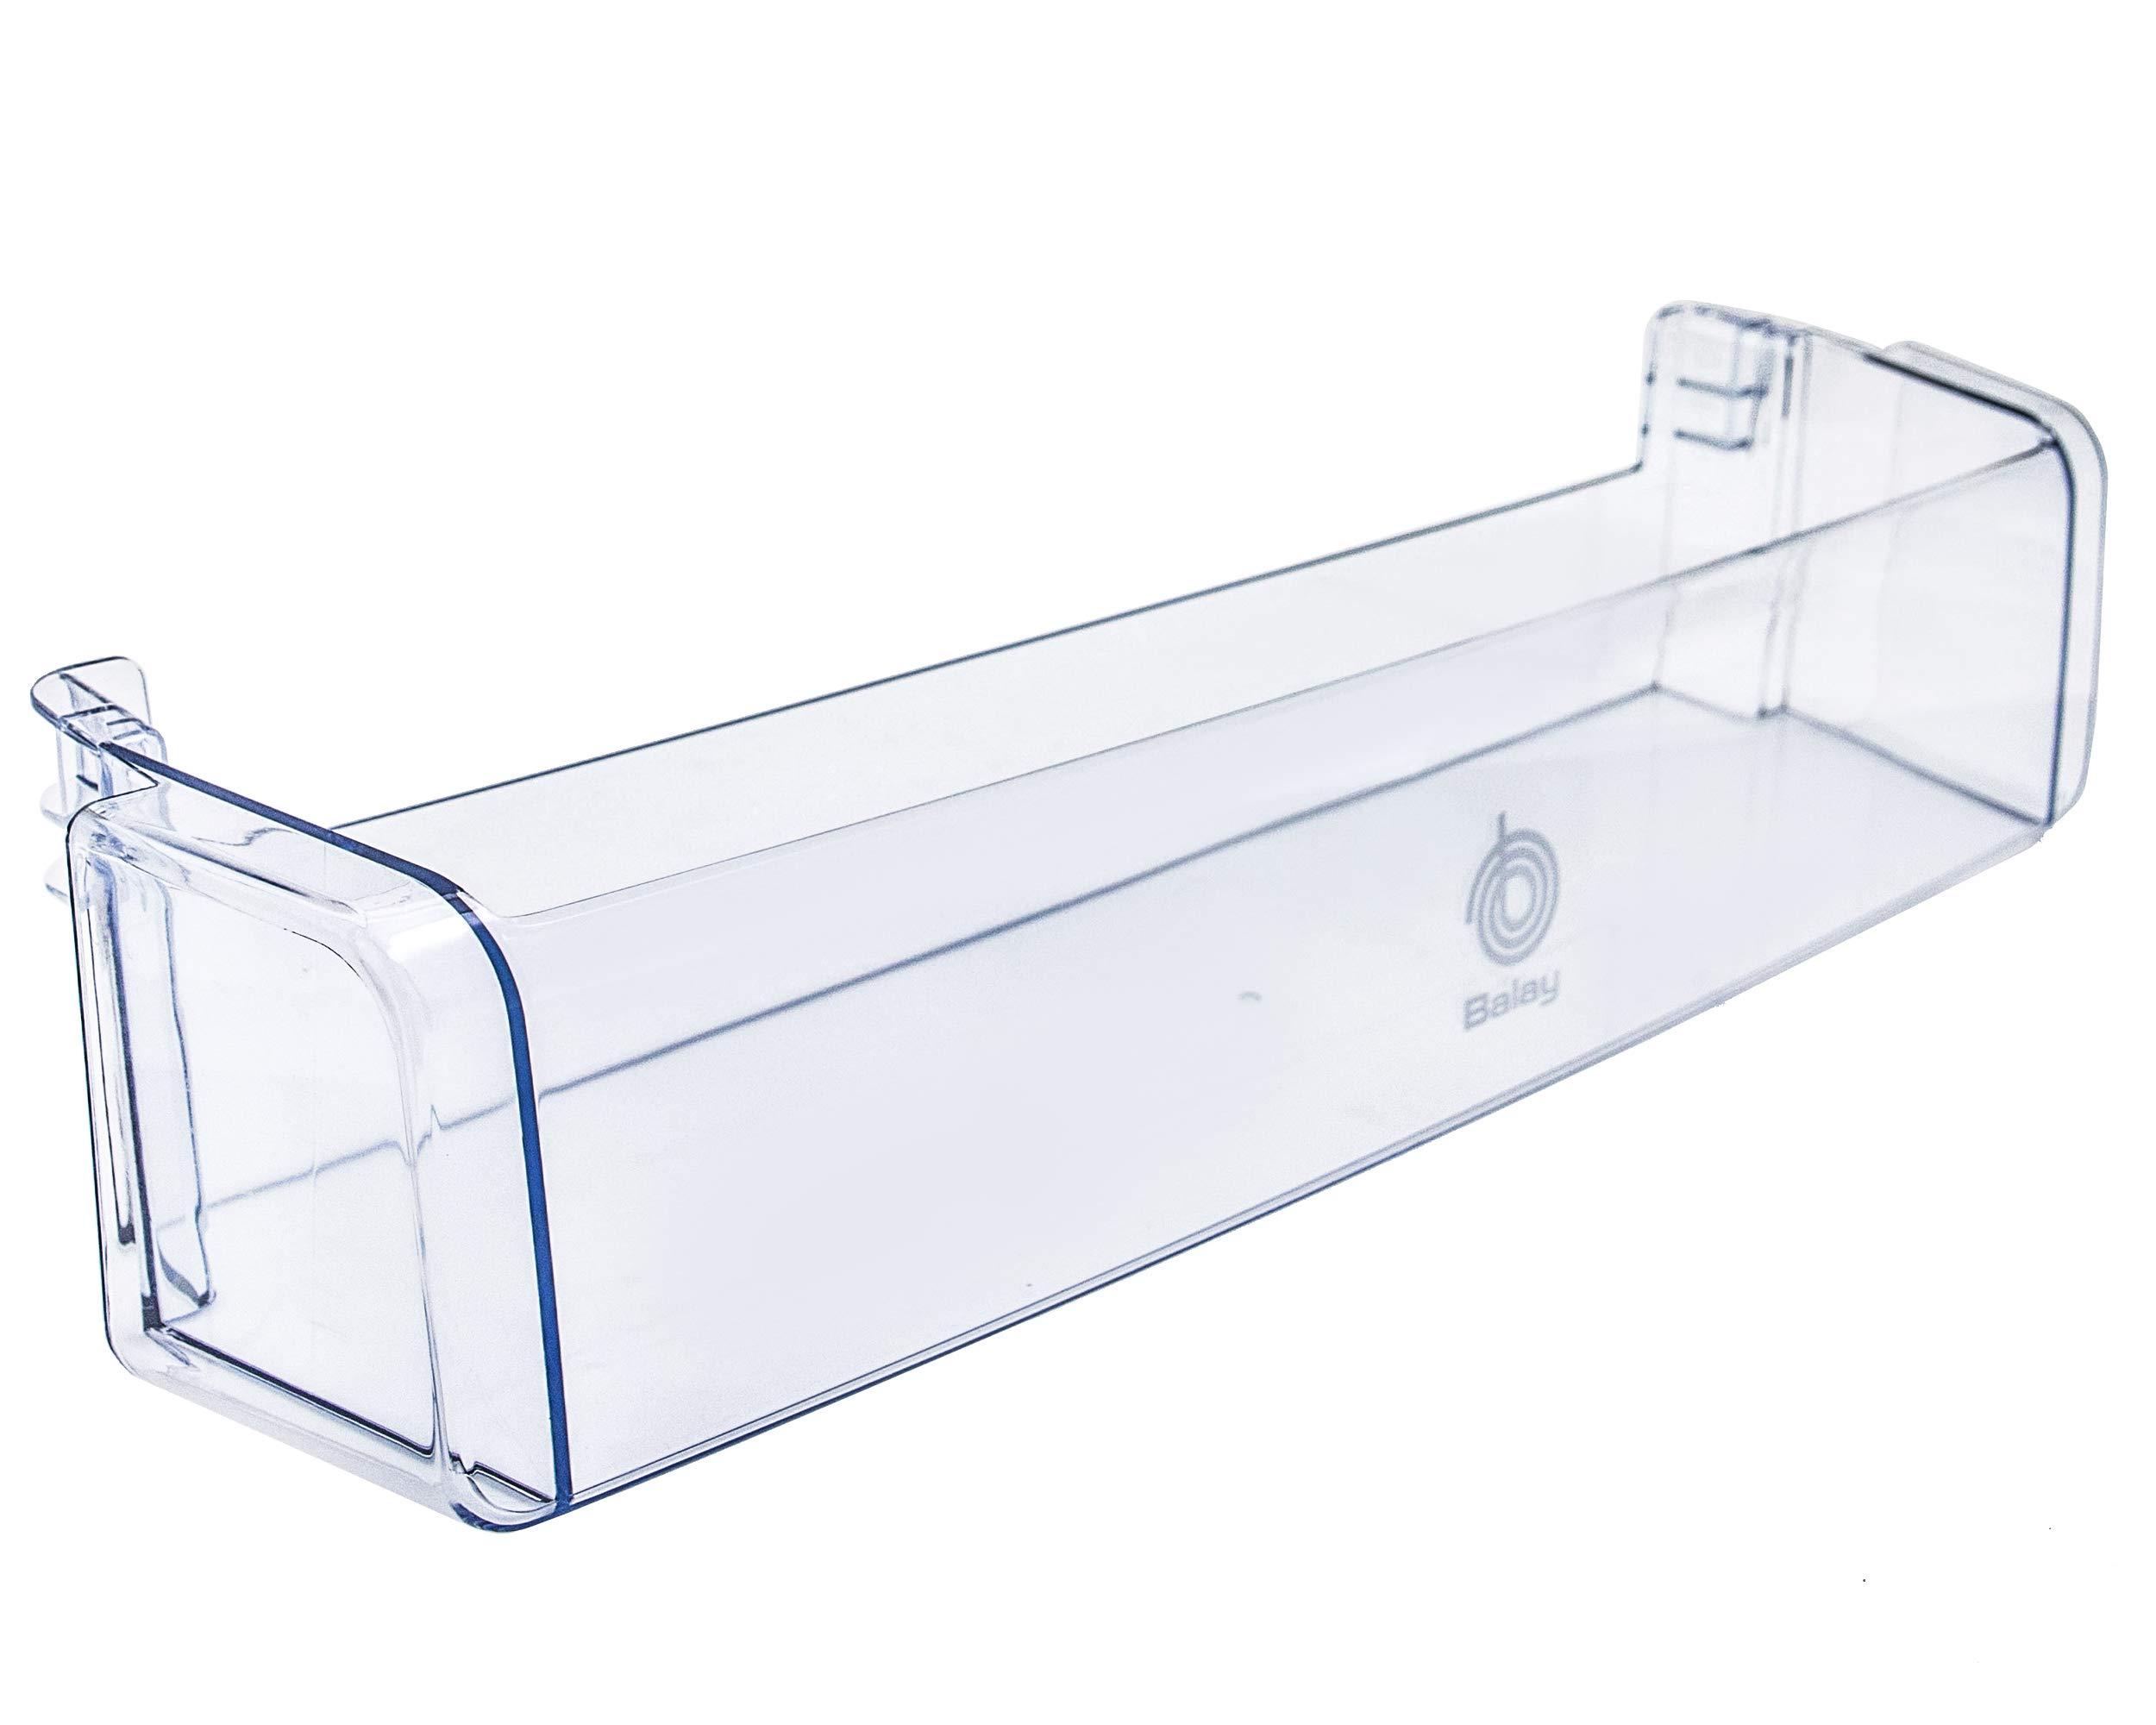 CADANIA Aleaci/ón de Zinc Manija de la Puerta Cerradura Muelle de Carga Tir/ón de la manija de la Cerradura para el Horno Refrigerador Congelador